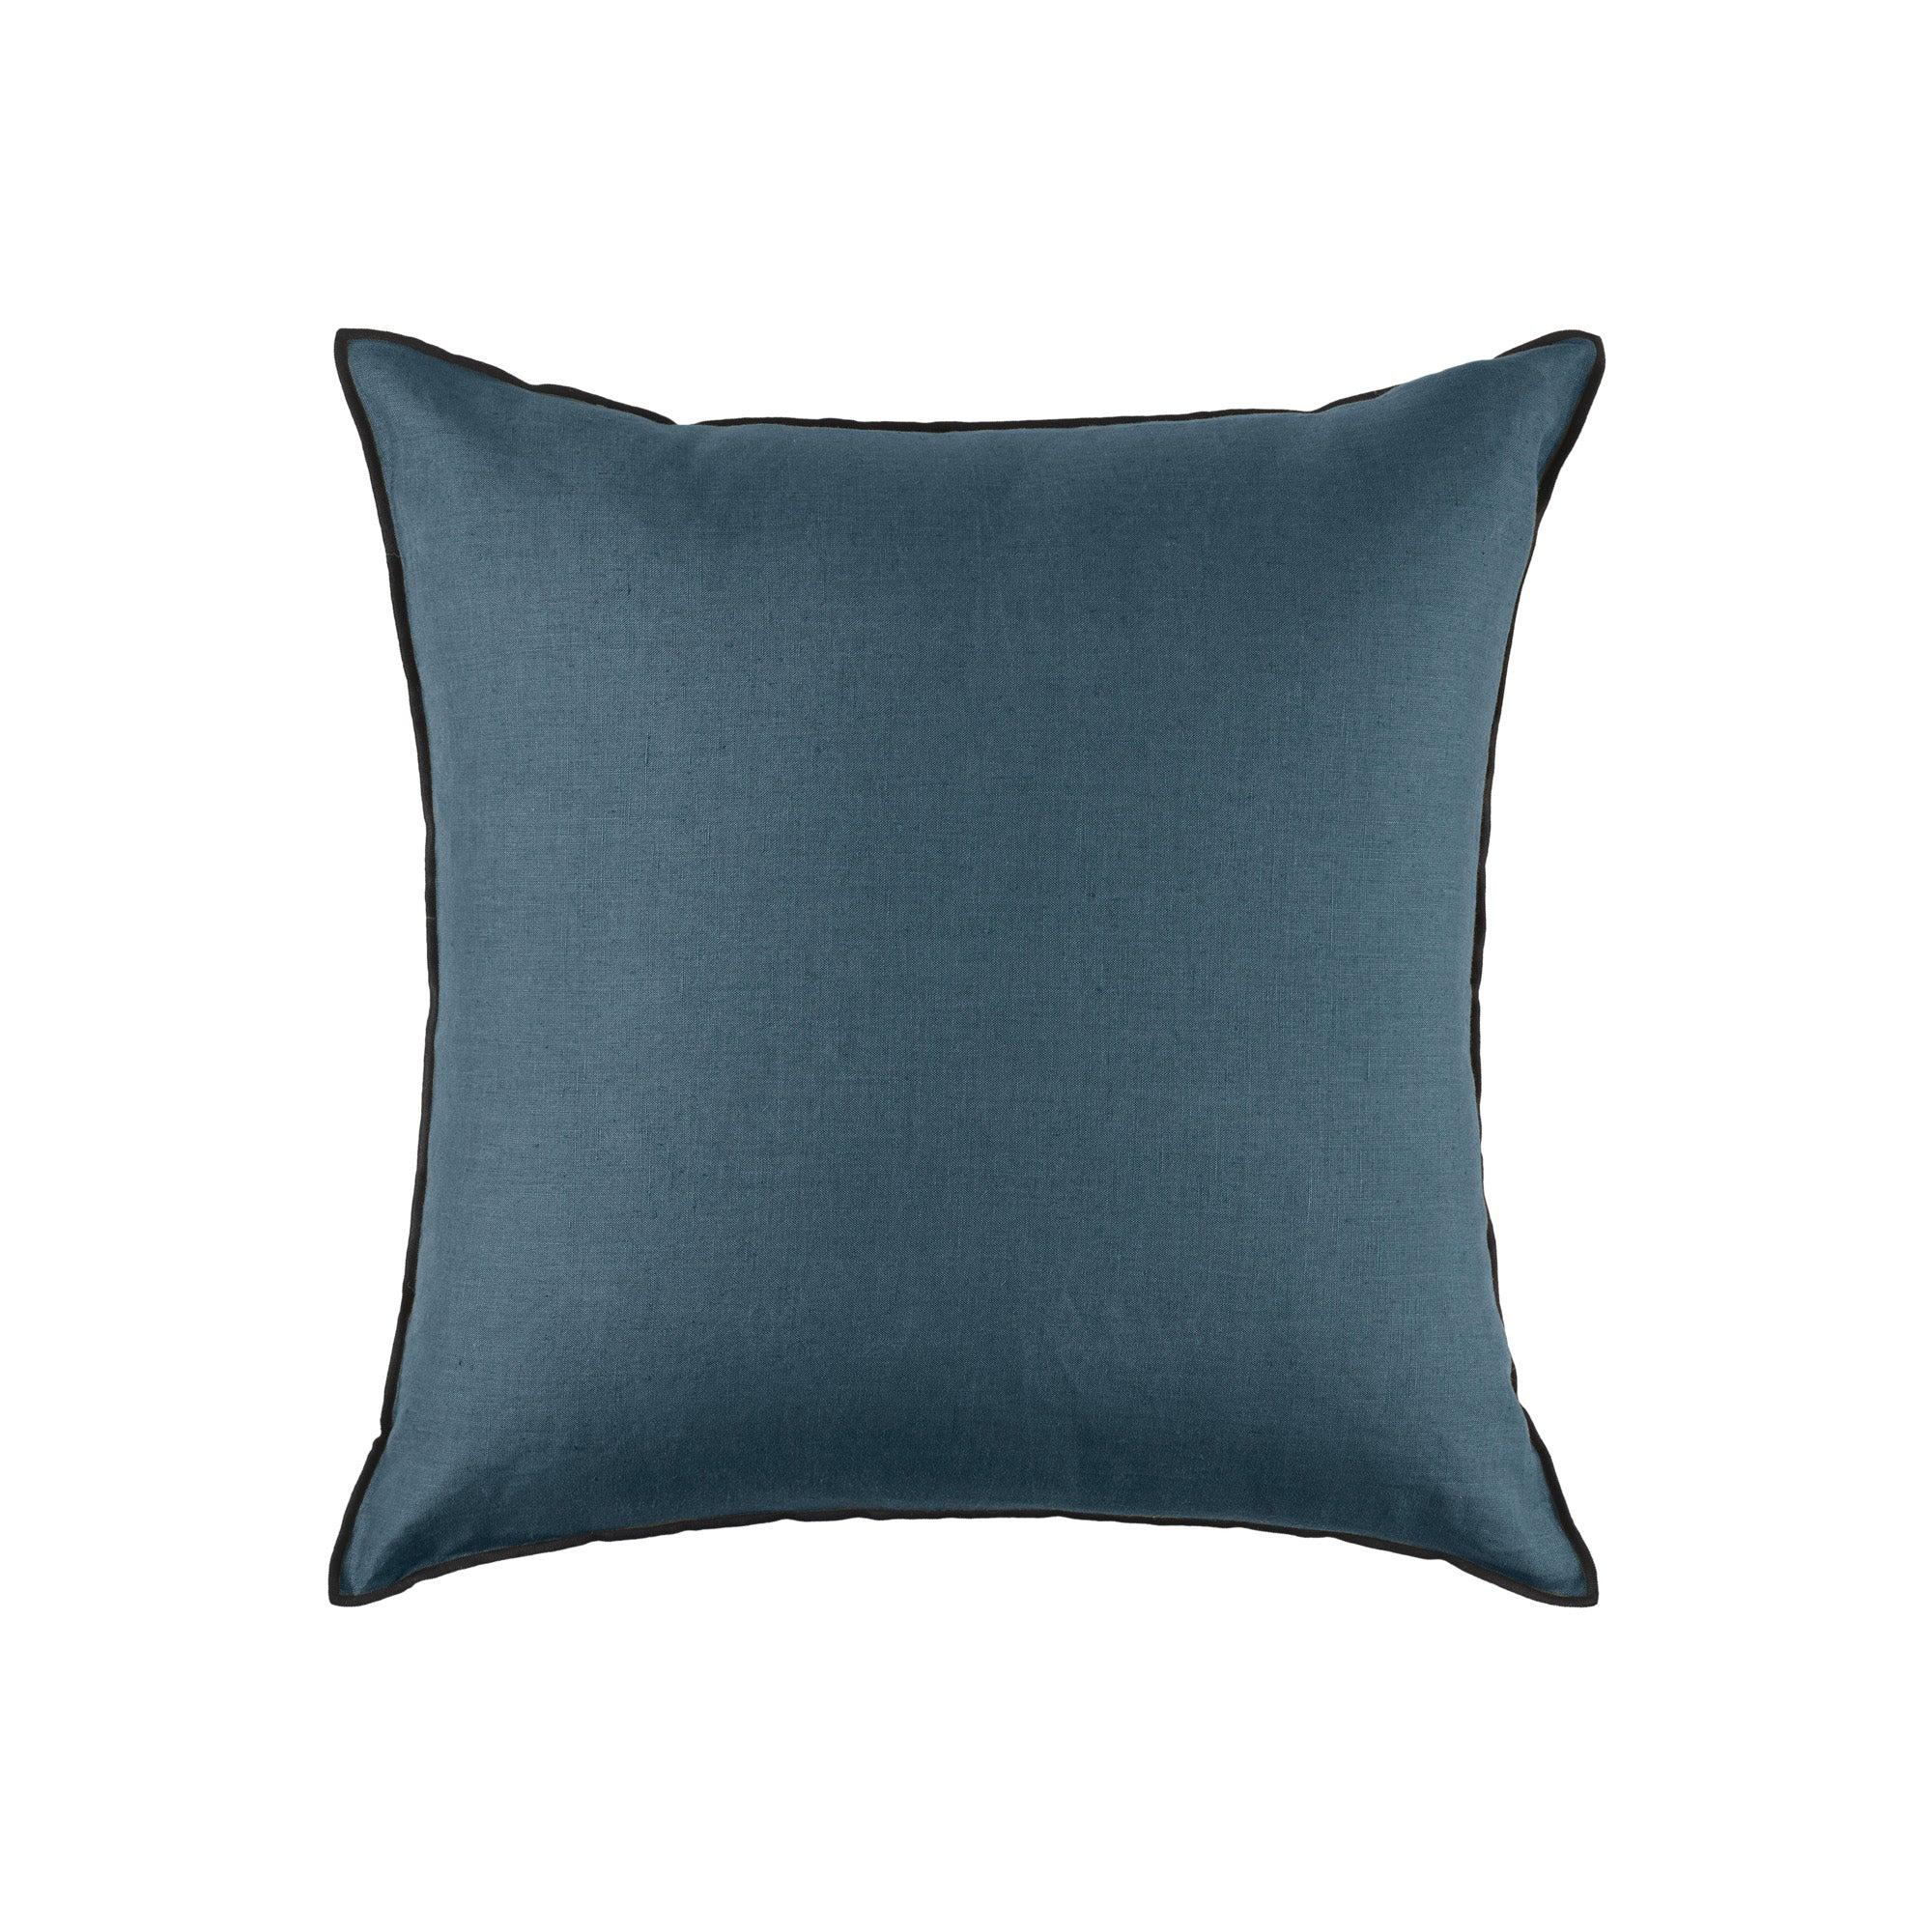 Housse de coussin 50x50 cm Bleu vert et bourdon noir en Lin